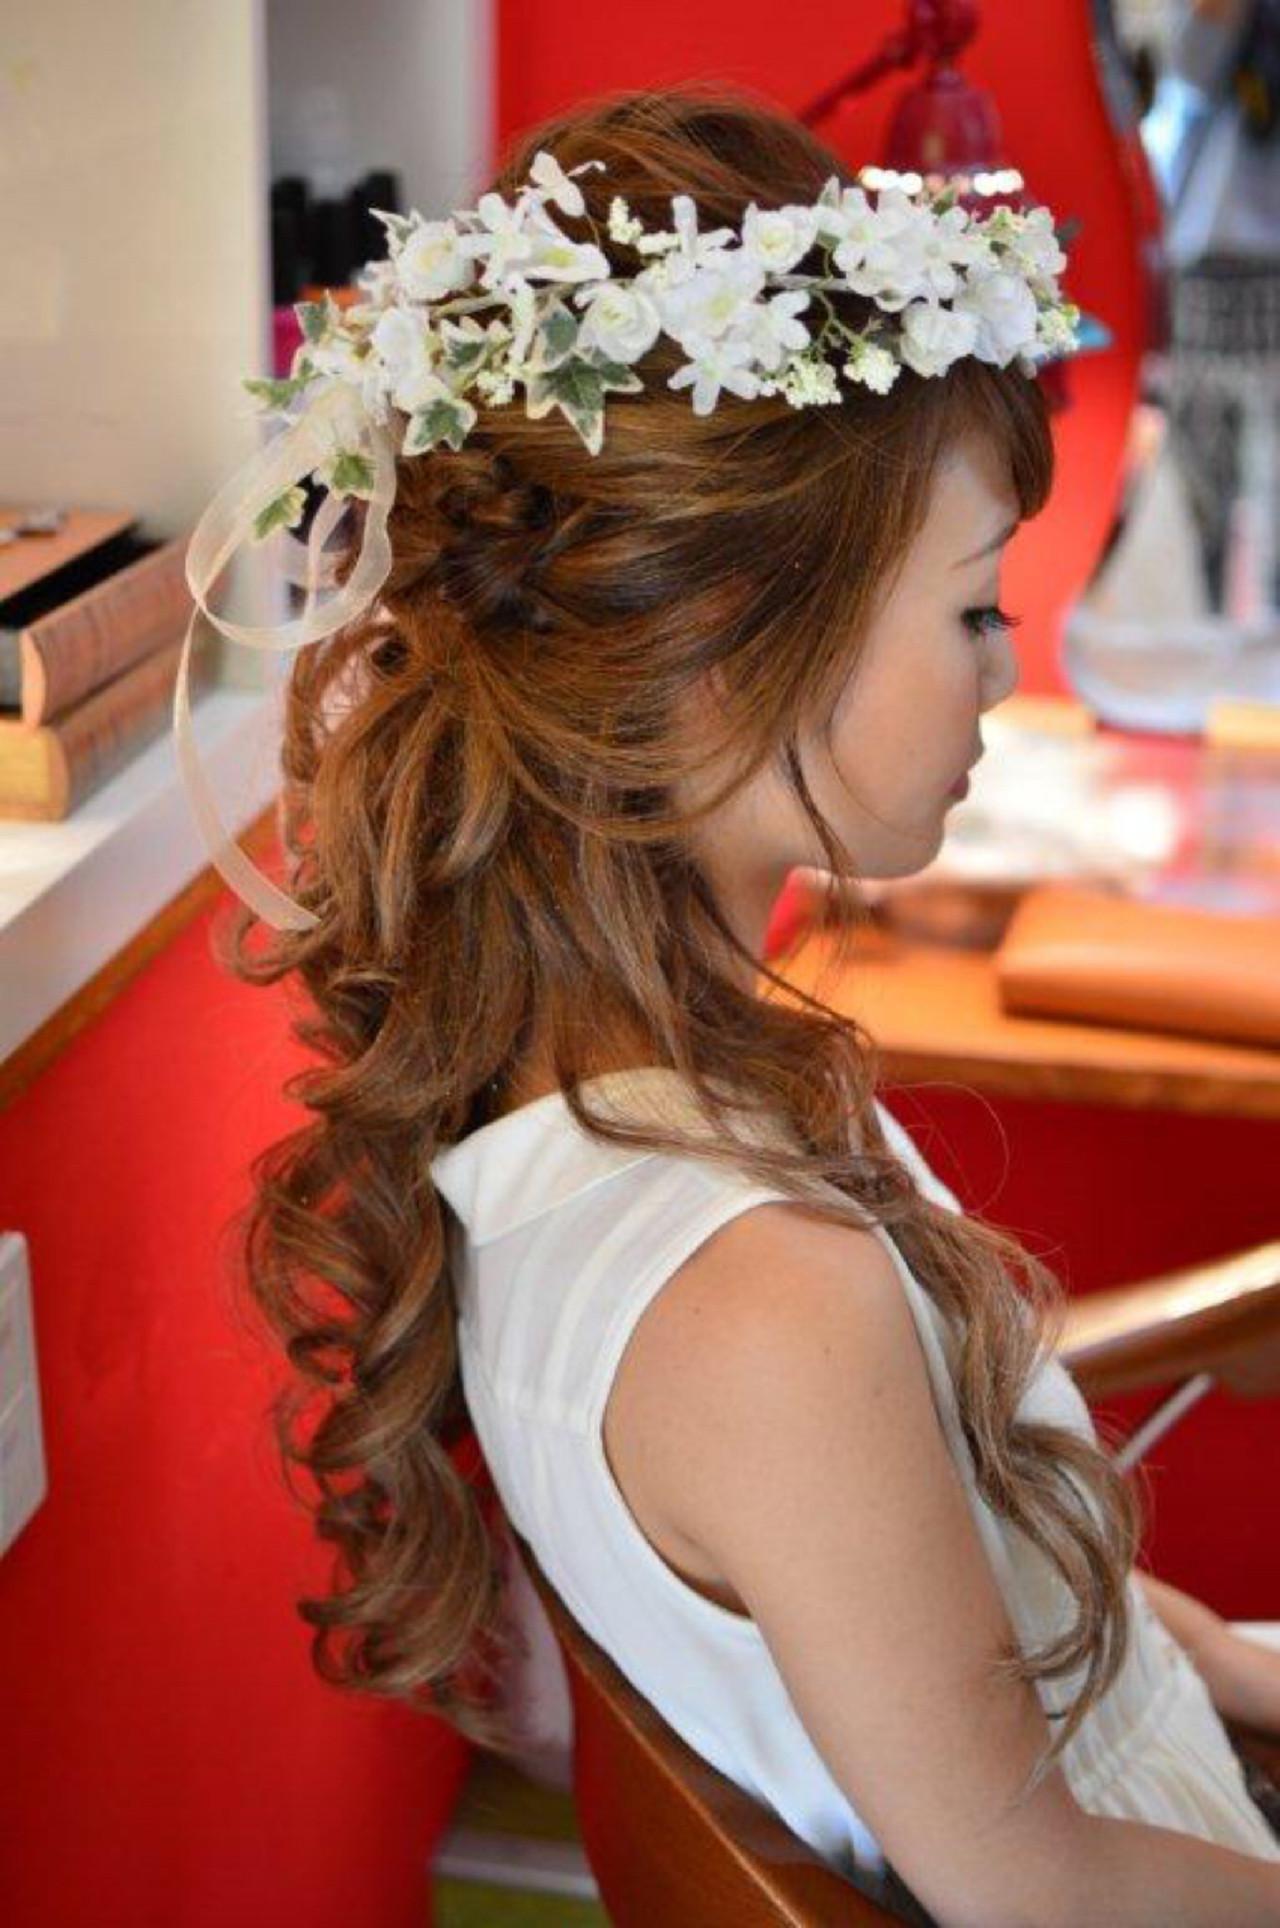 ヘアアレンジ 結婚式 ブライダル 花嫁 ヘアスタイルや髪型の写真・画像